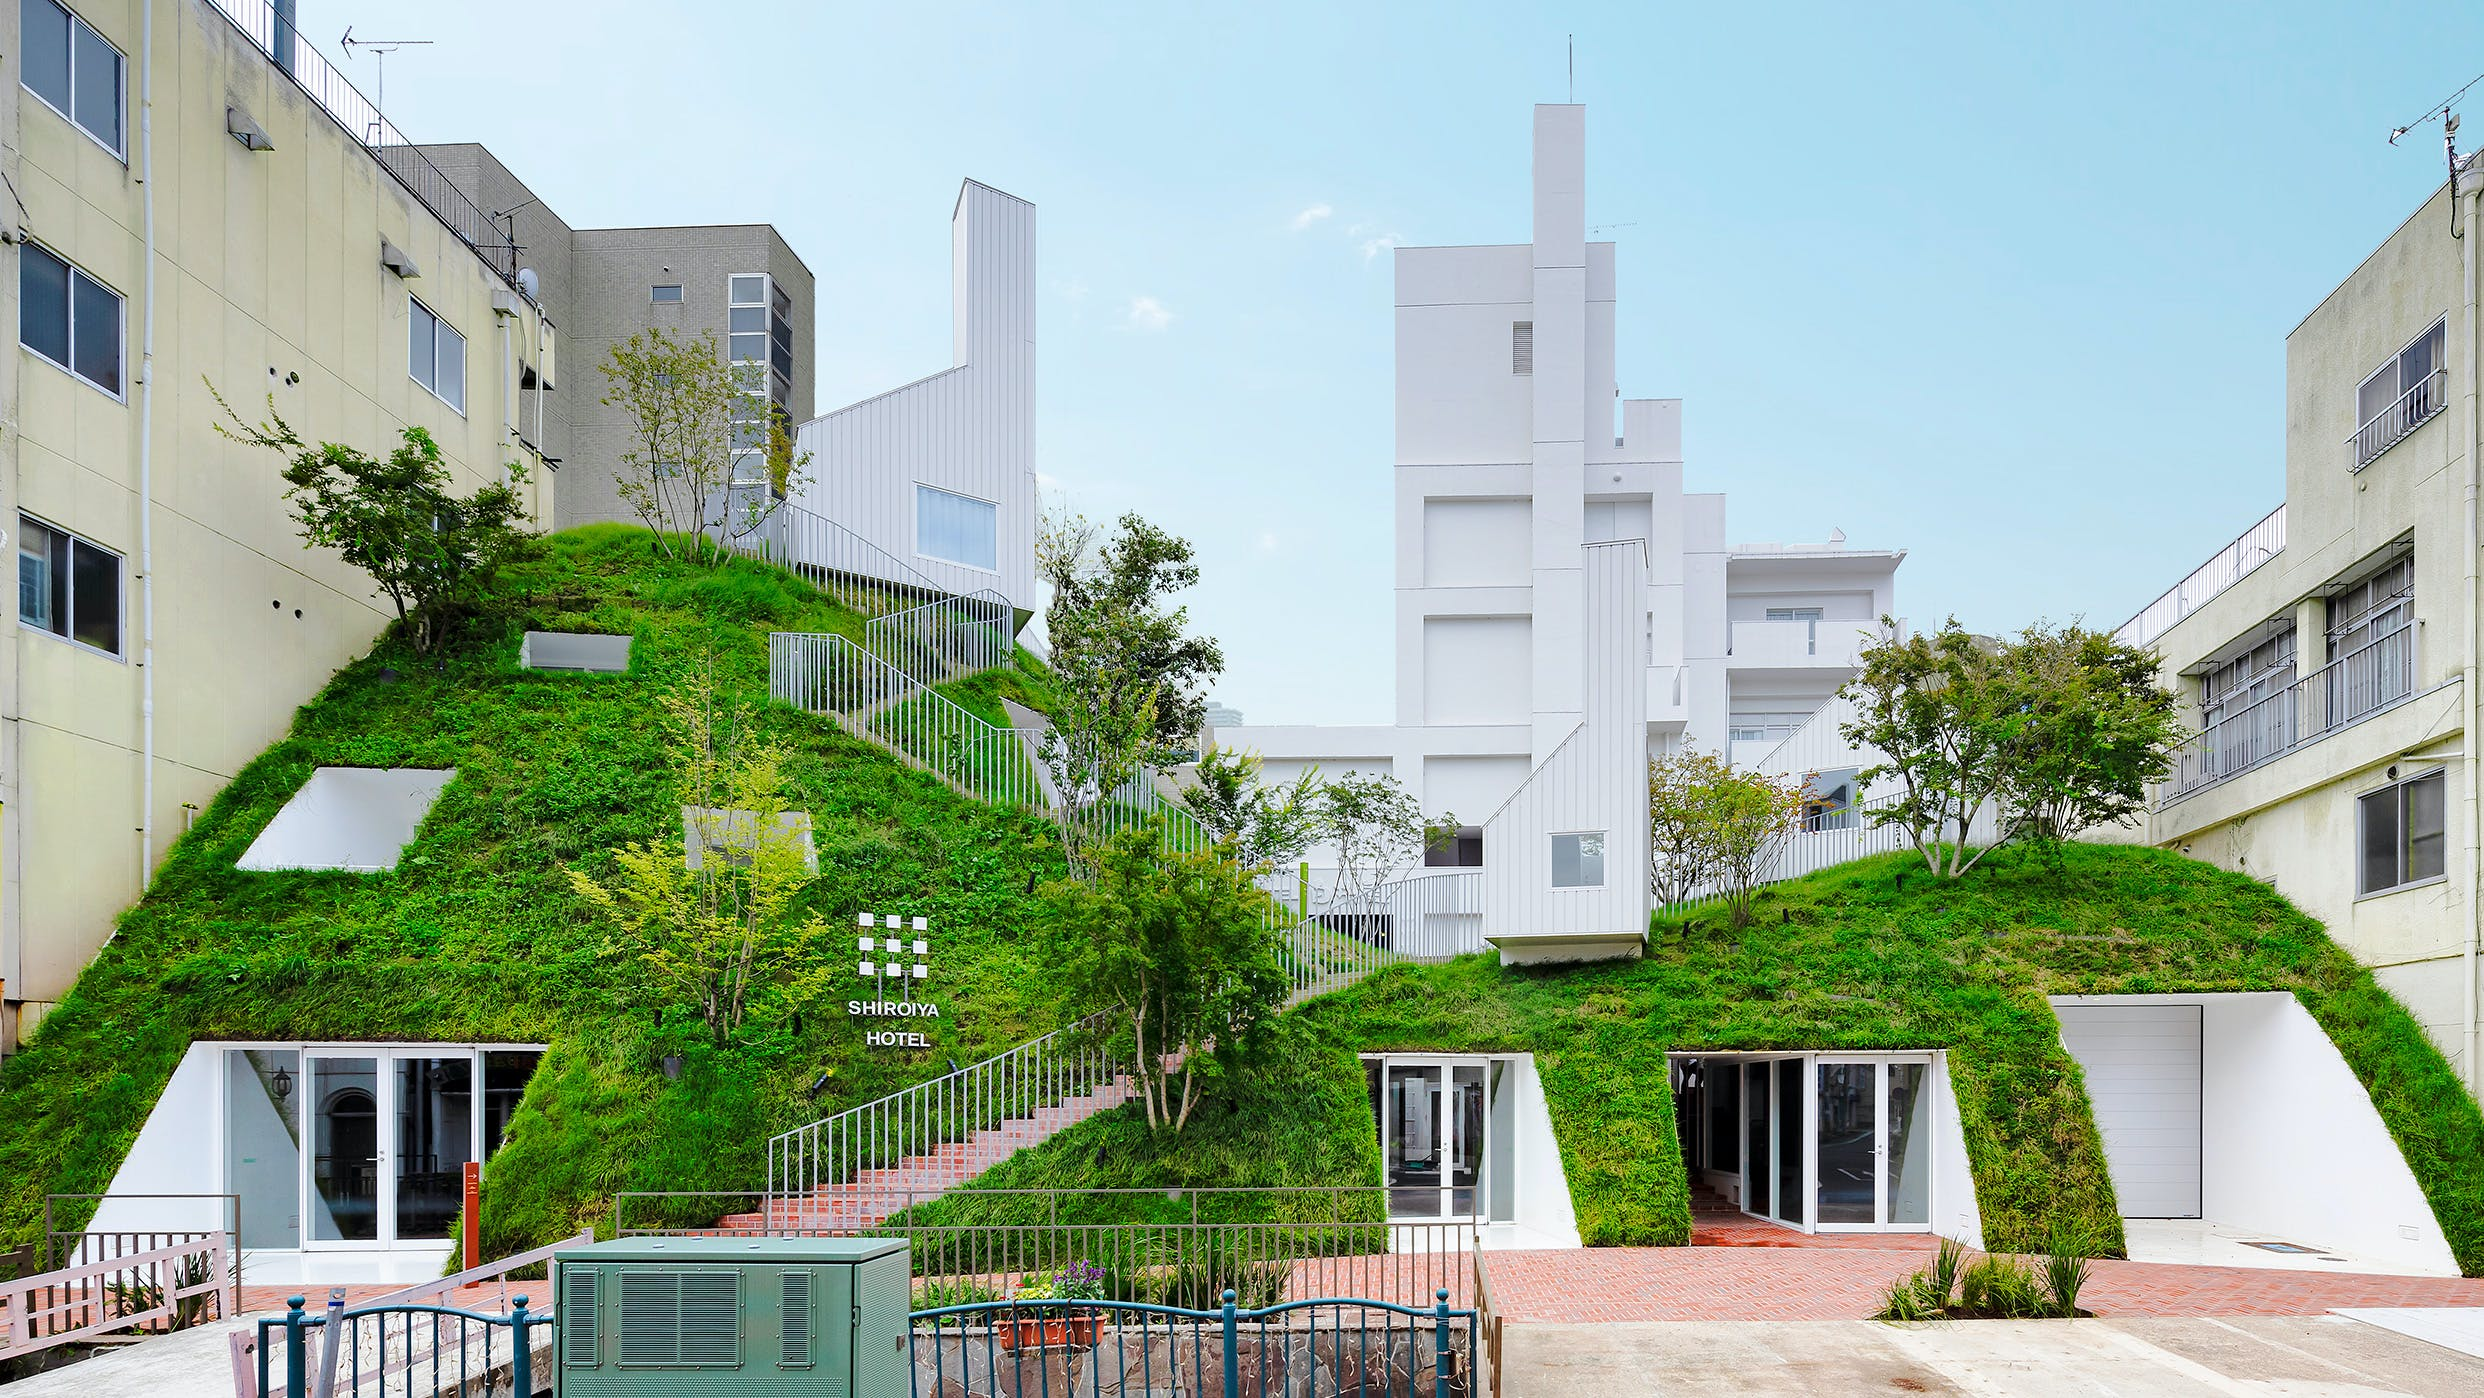 群馬の老舗旅館がアートに包まれた個性派ホテル「SHIROIYA HOTEL」にリニューアル